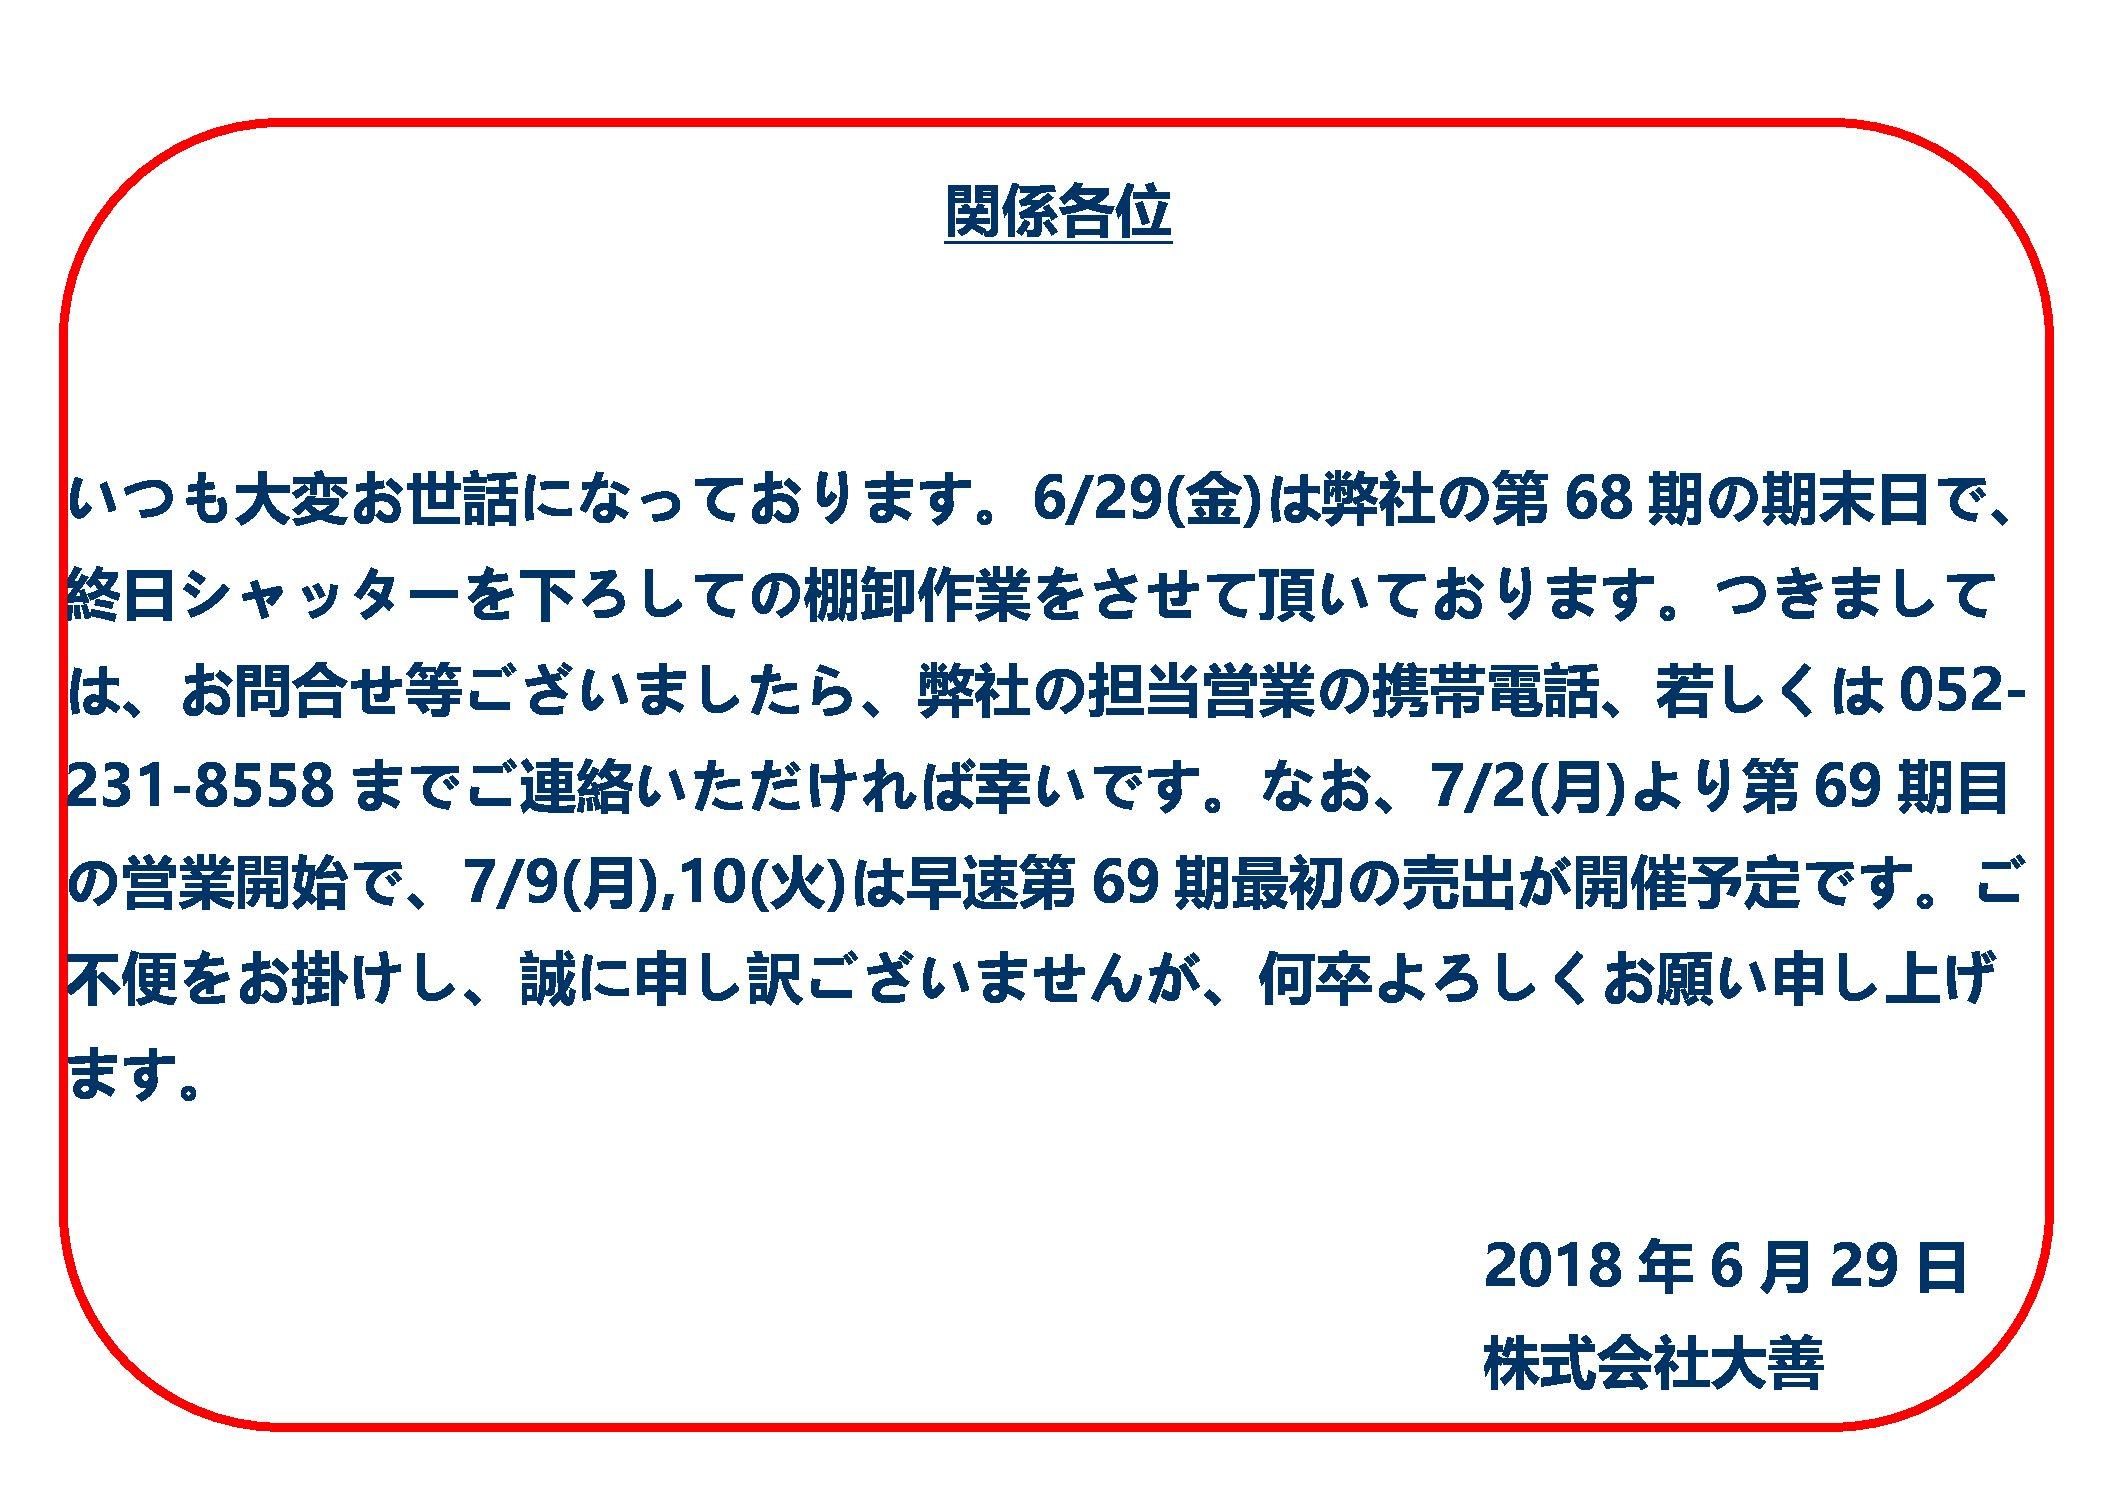 6/29(金)棚卸